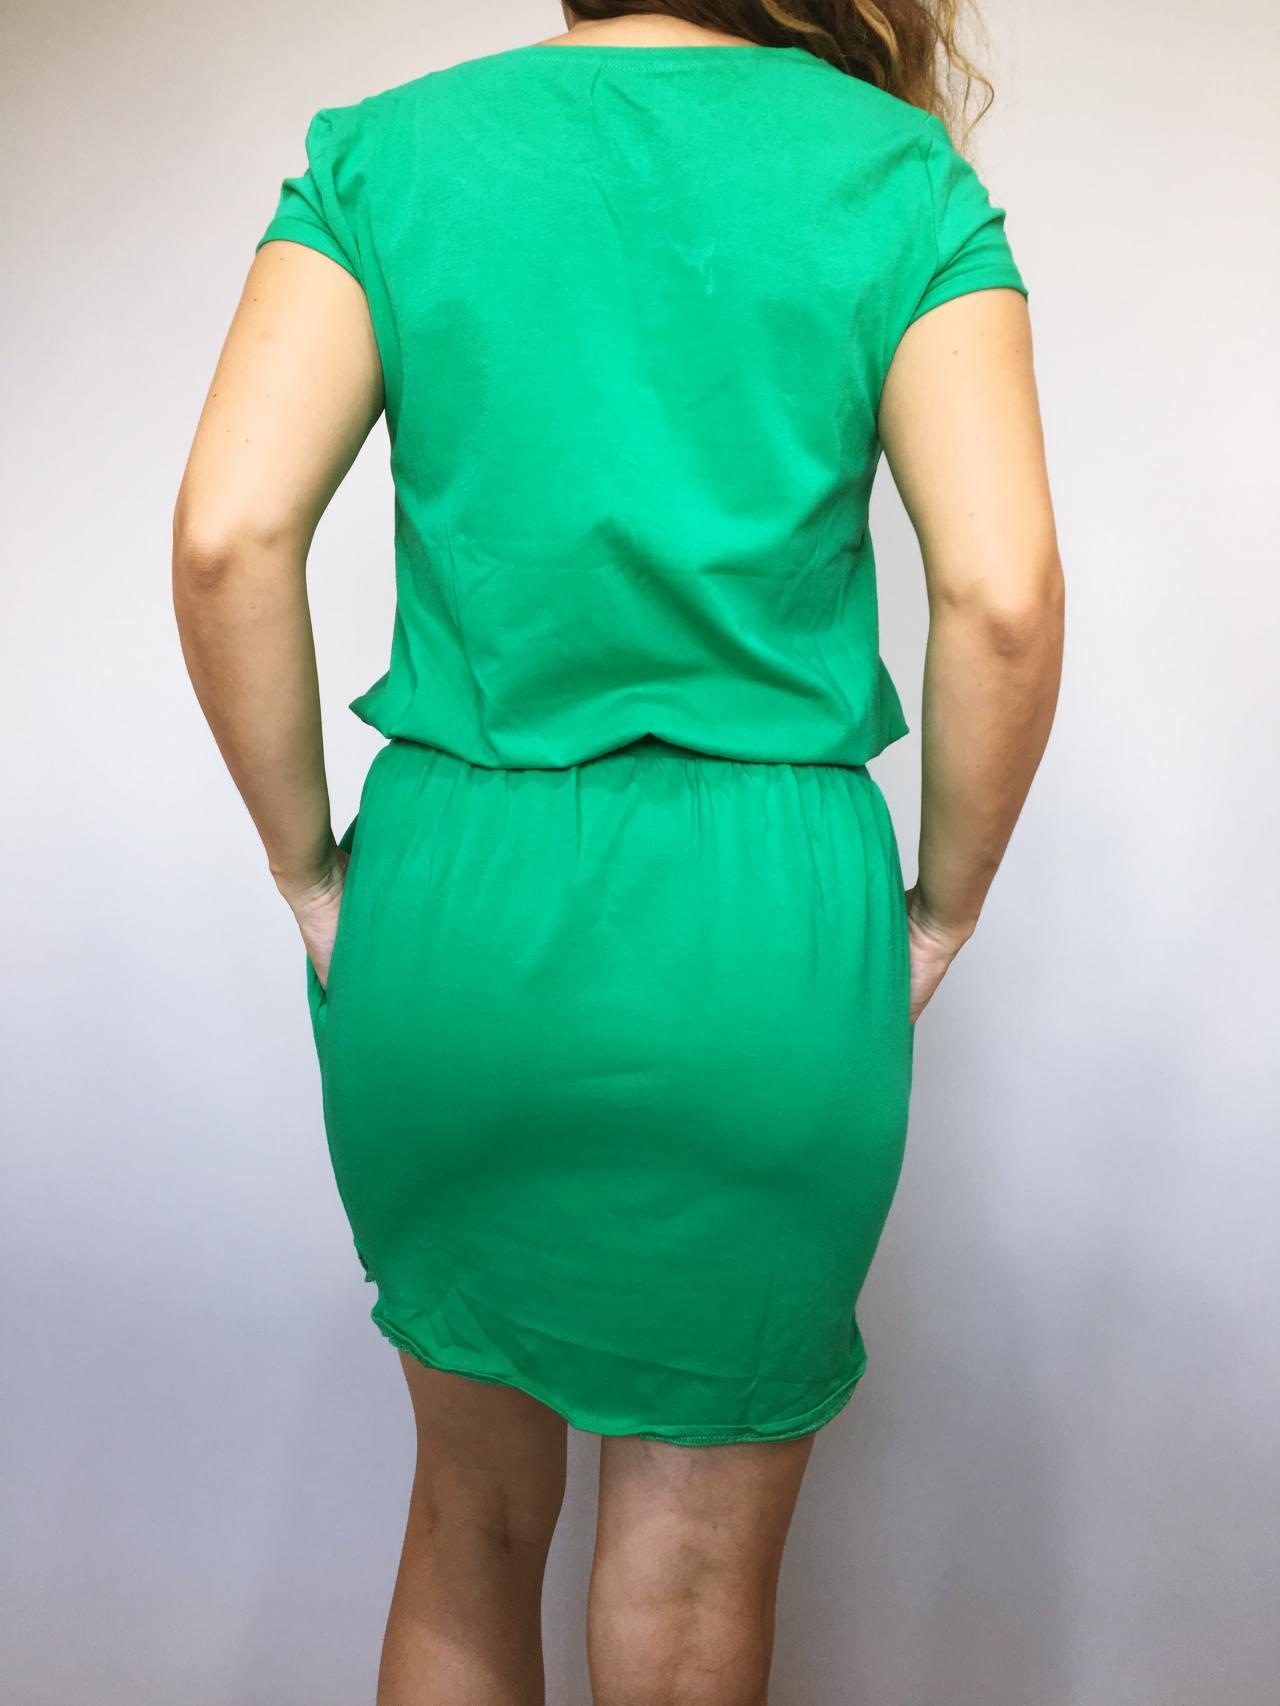 Šaty Carry zelené 04